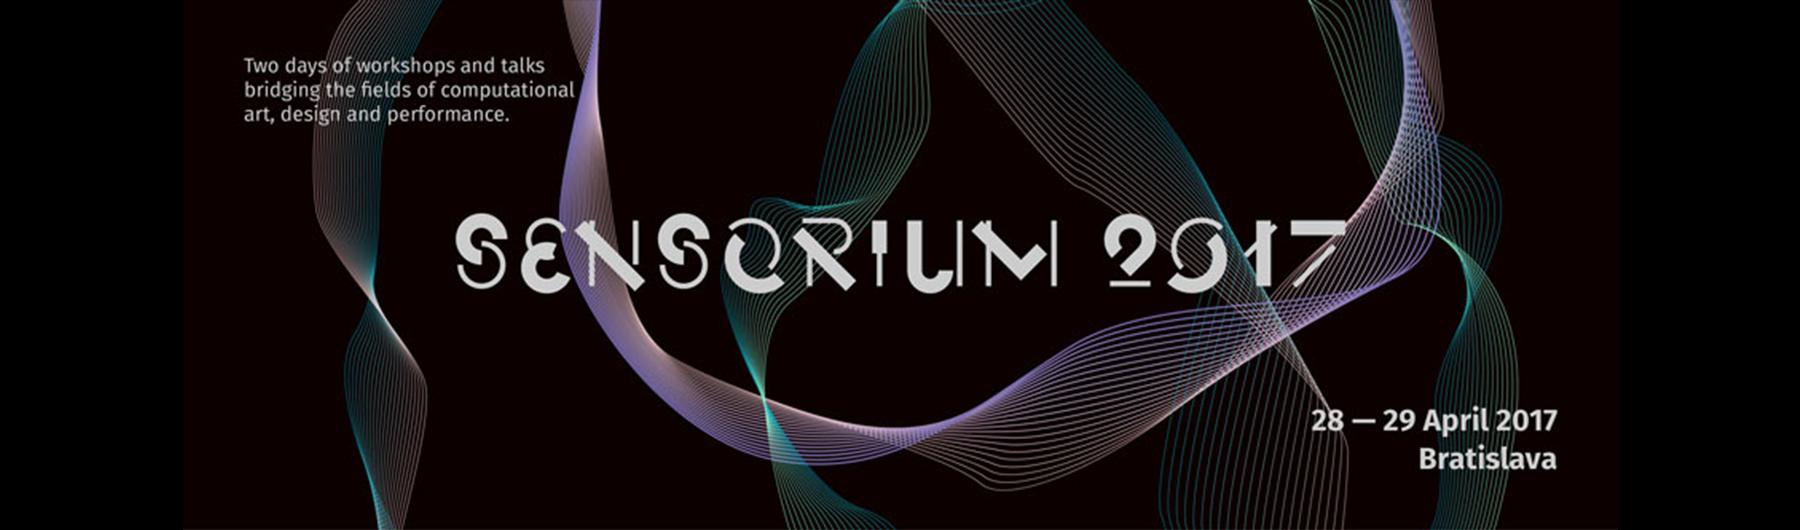 Sensorium2017